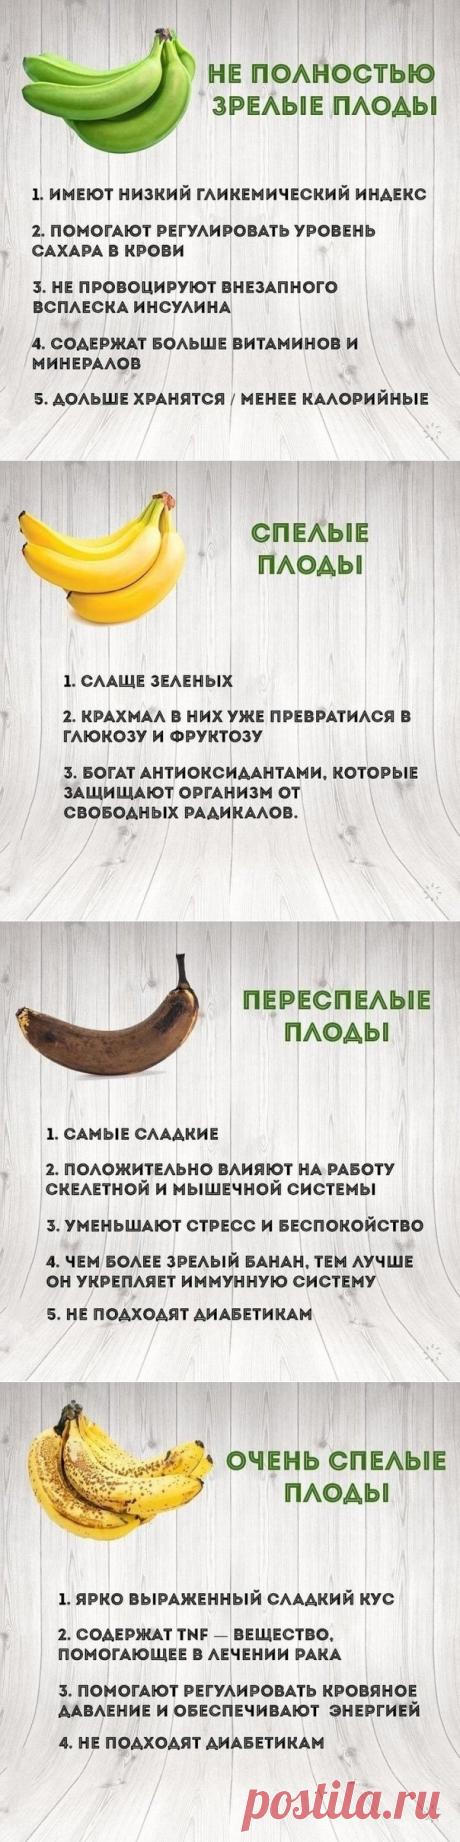 В чем польза бананов разного уровня спелости — Полезные советы